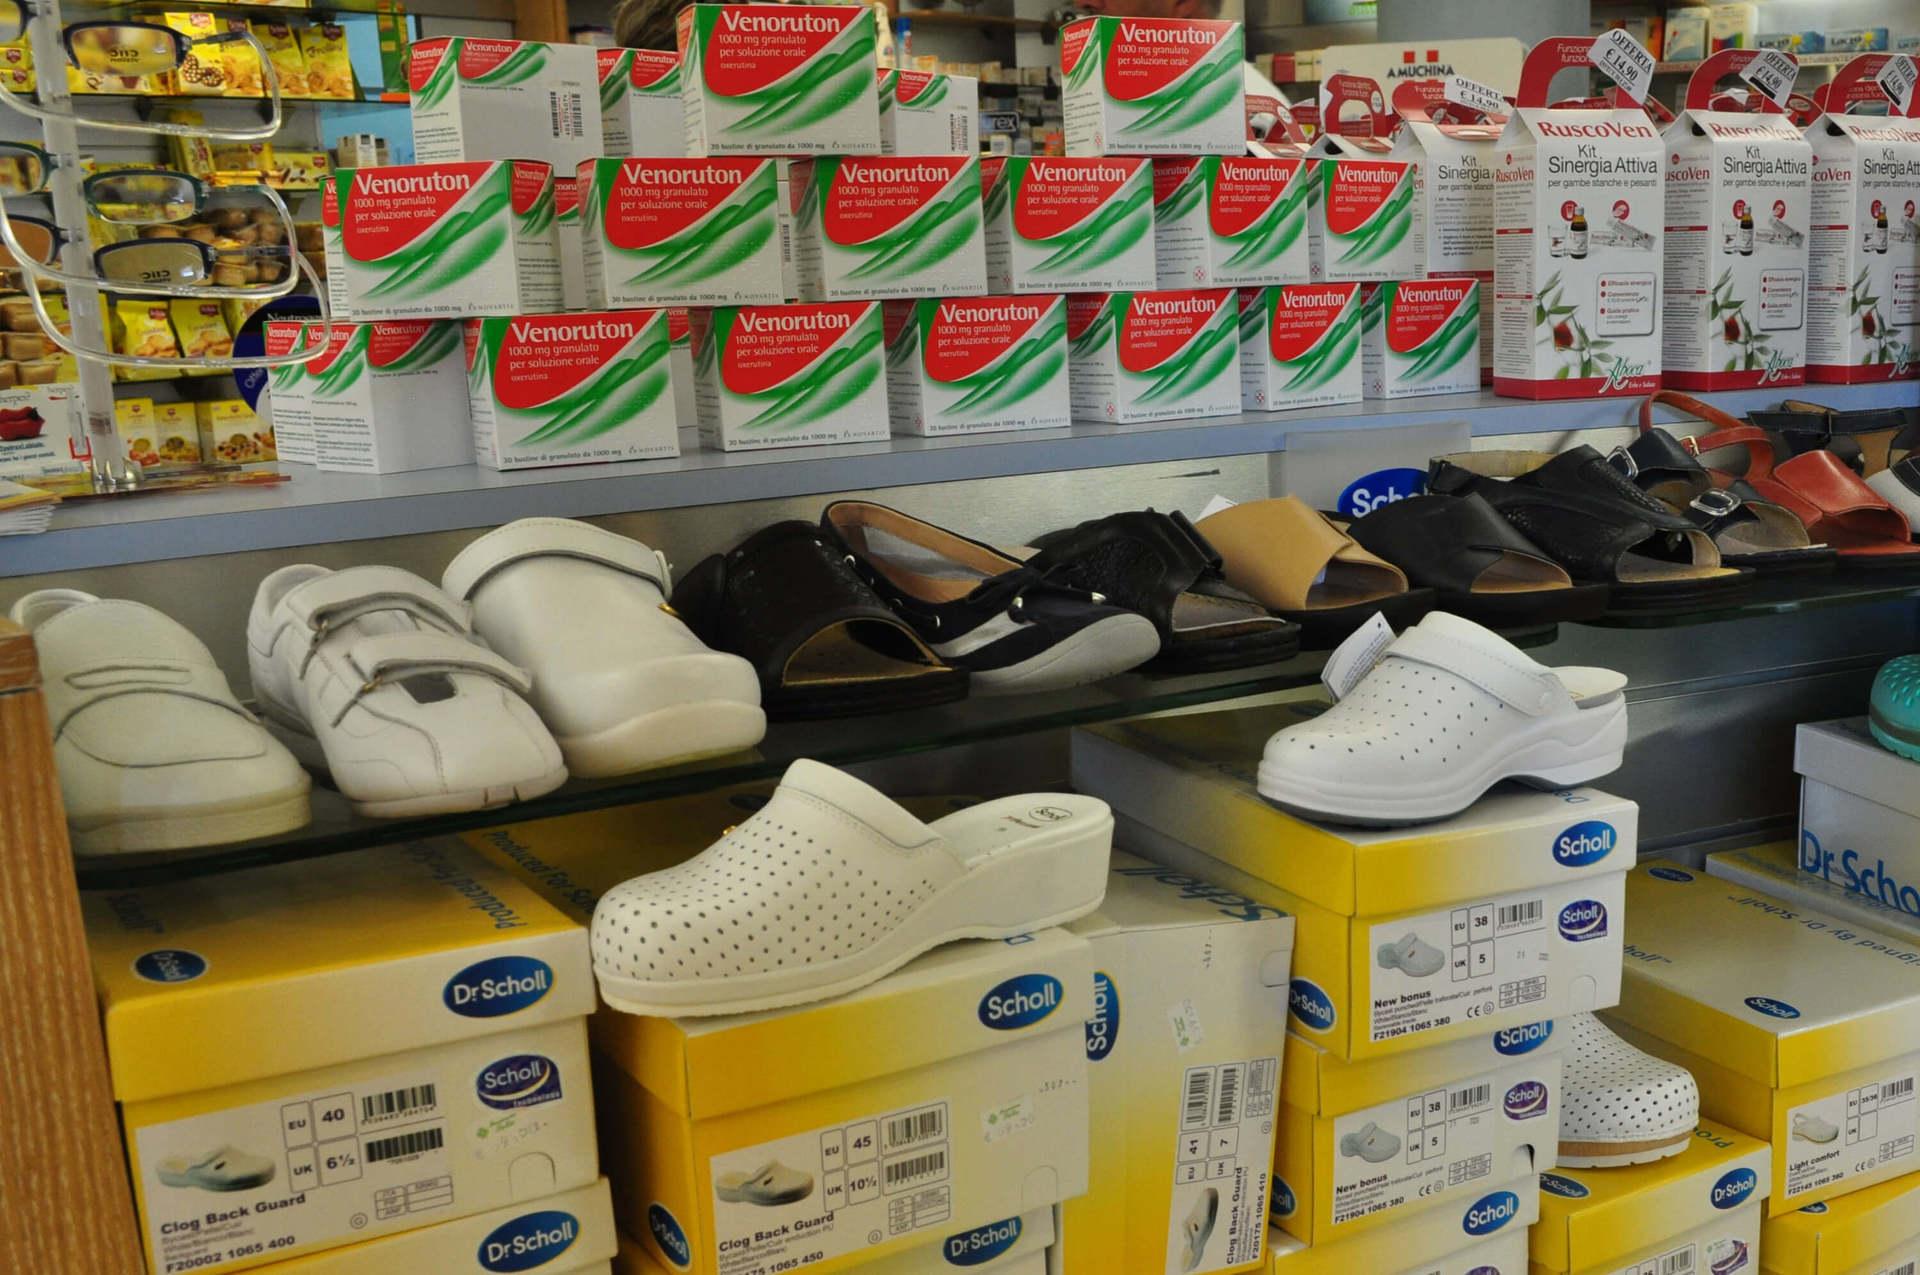 farmacia omeopatia ed erboristeria con calzature ortopediche